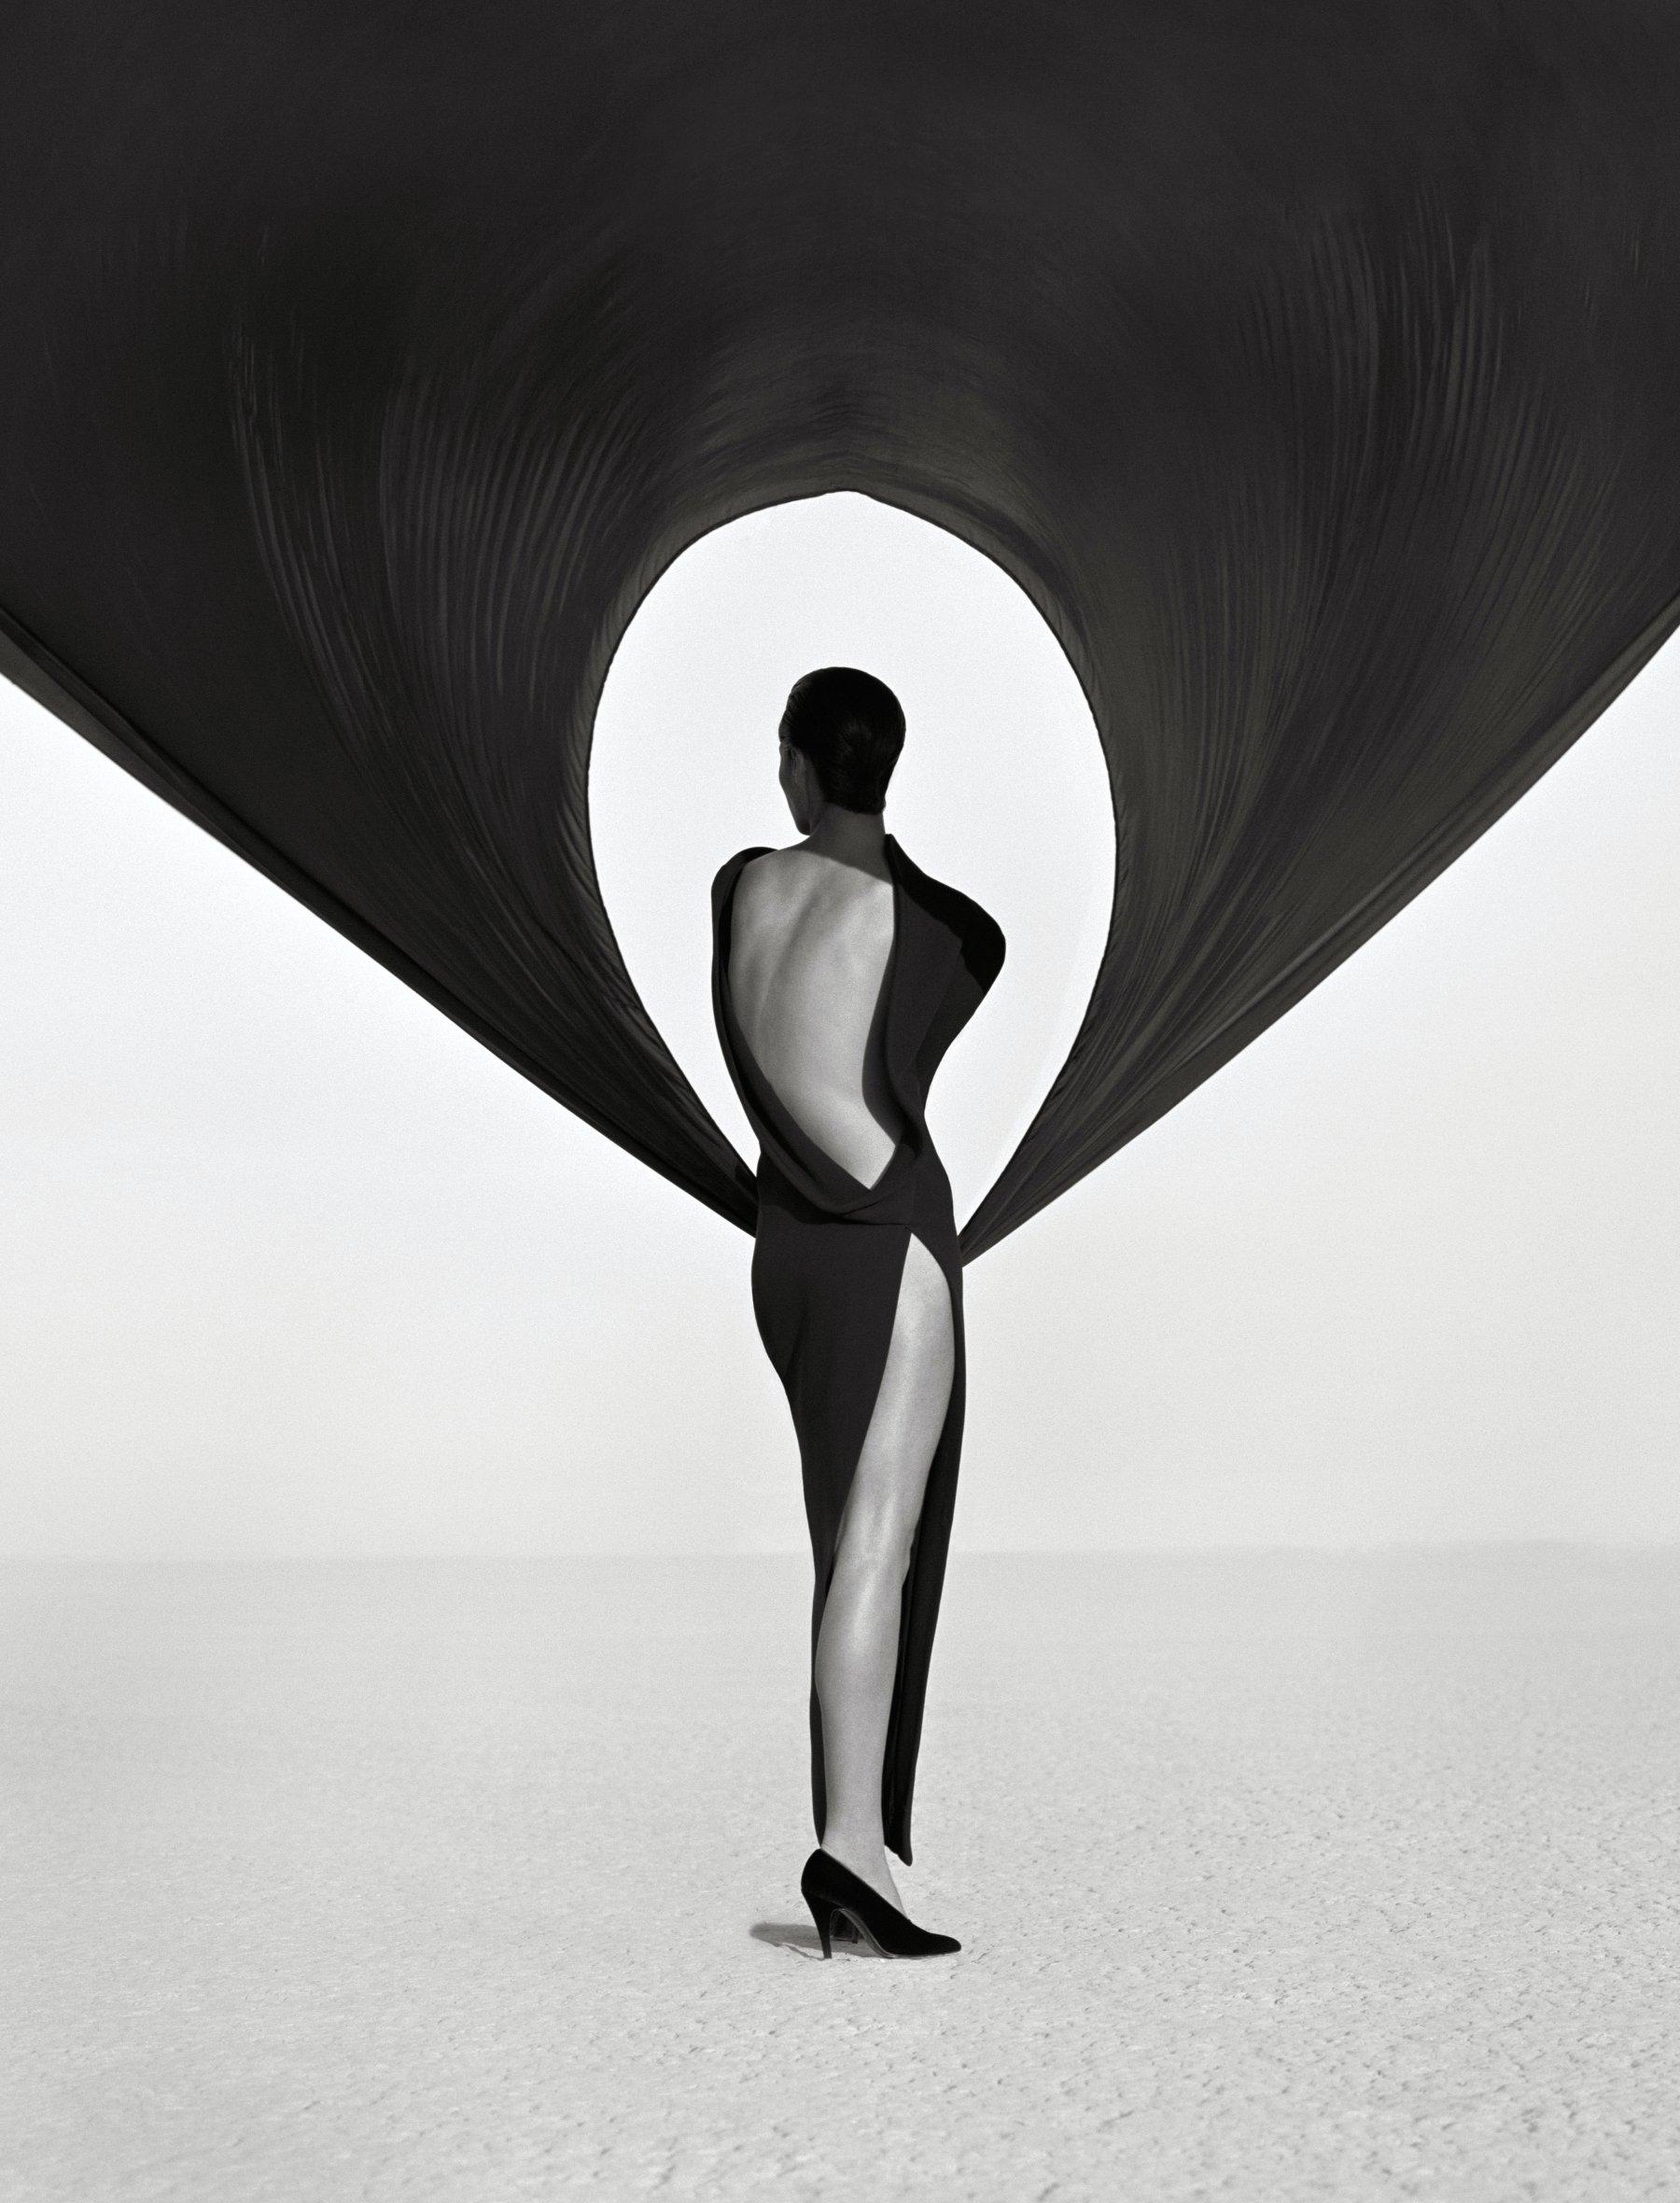 Versace Dress (Back View), El Mirage